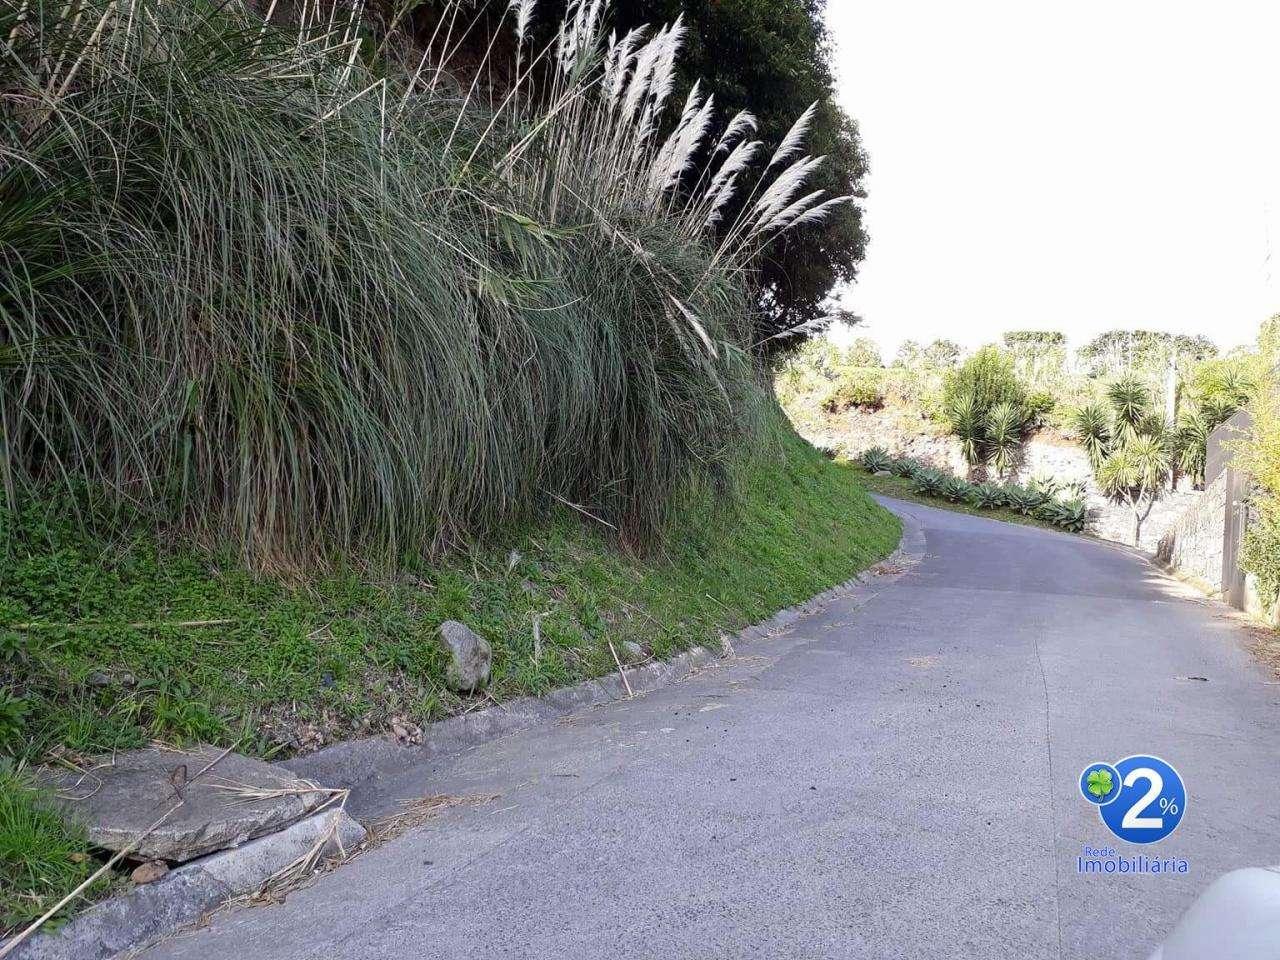 Terreno para comprar, Água de Alto, Vila Franca do Campo, Ilha de São Miguel - Foto 4